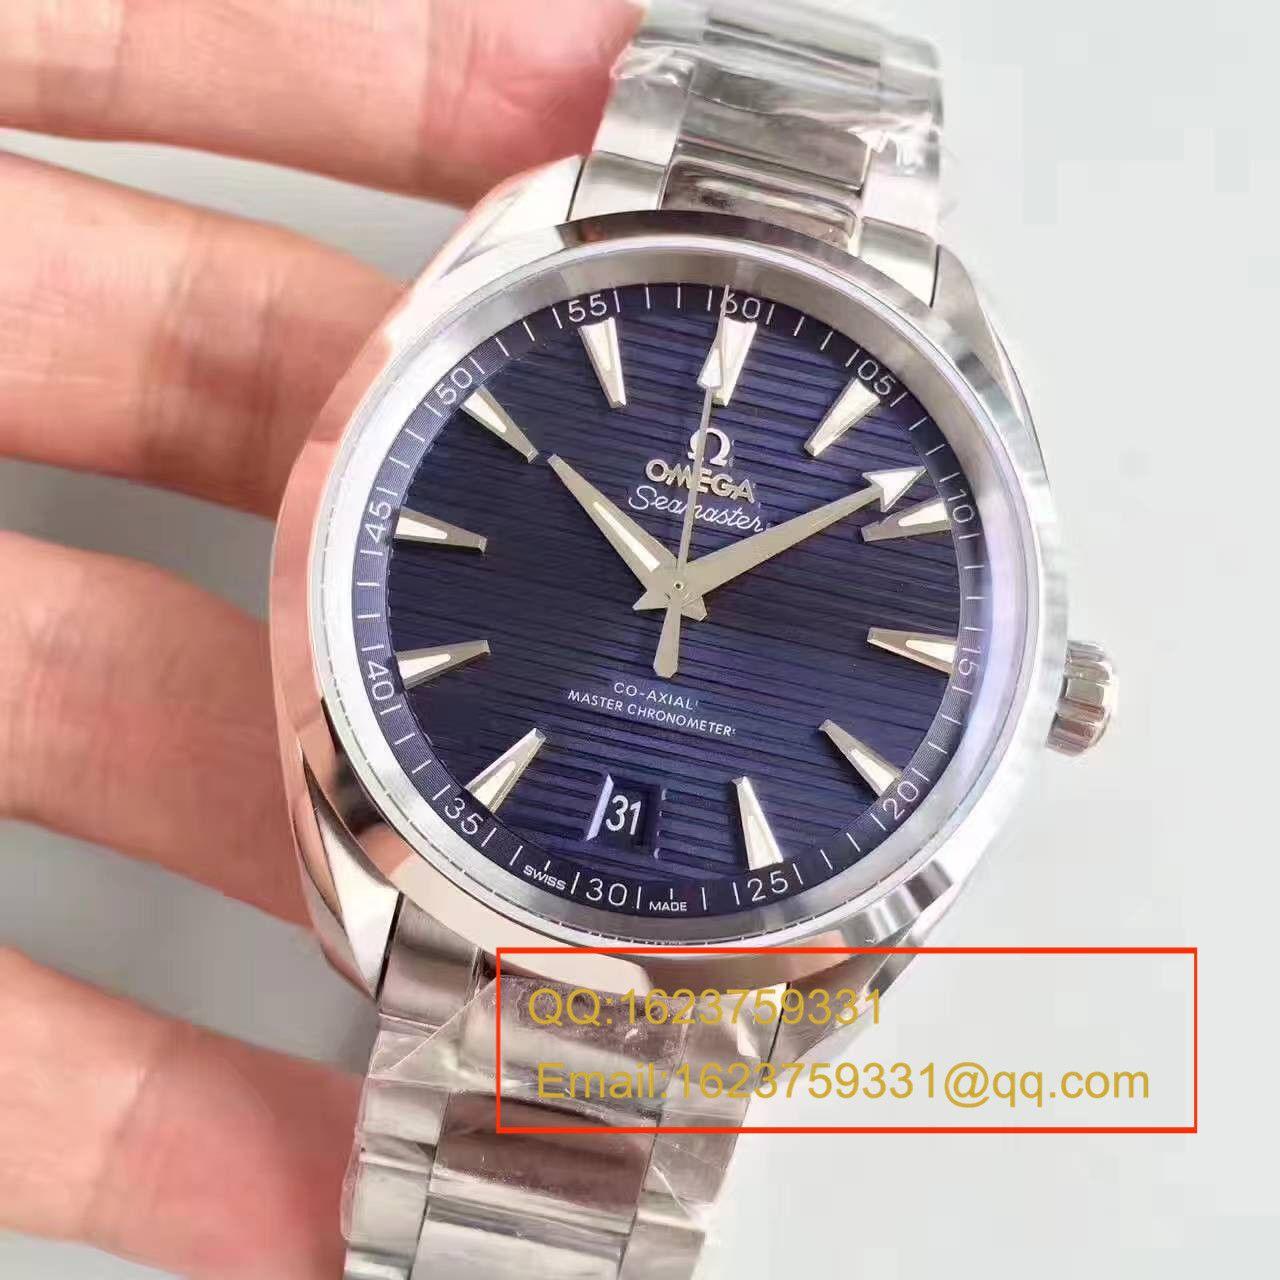 【XF厂一比一超A精仿手表】欧米茄海马系列220.10.38.20.03.001腕表